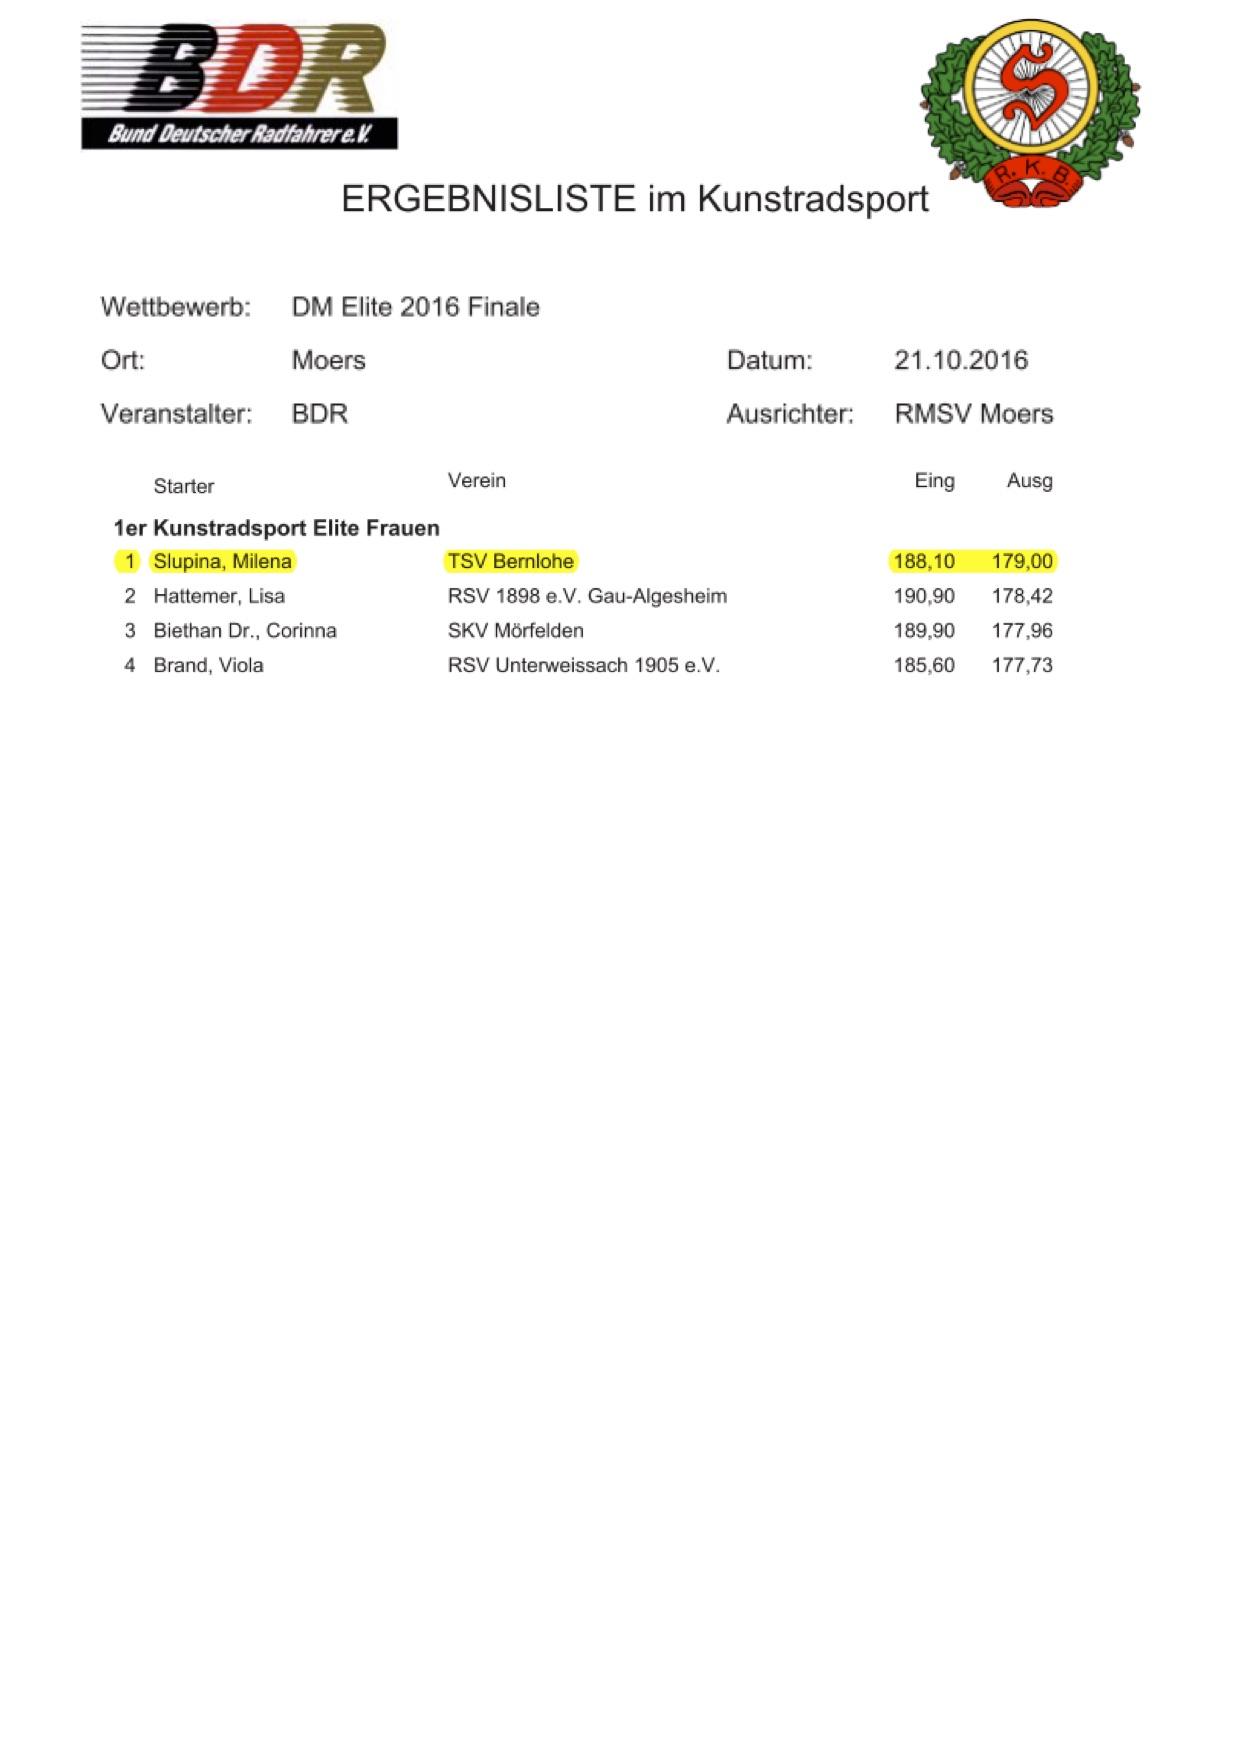 Ergebnisliste Finale - Milena ist Deutsche Meisterin 2016